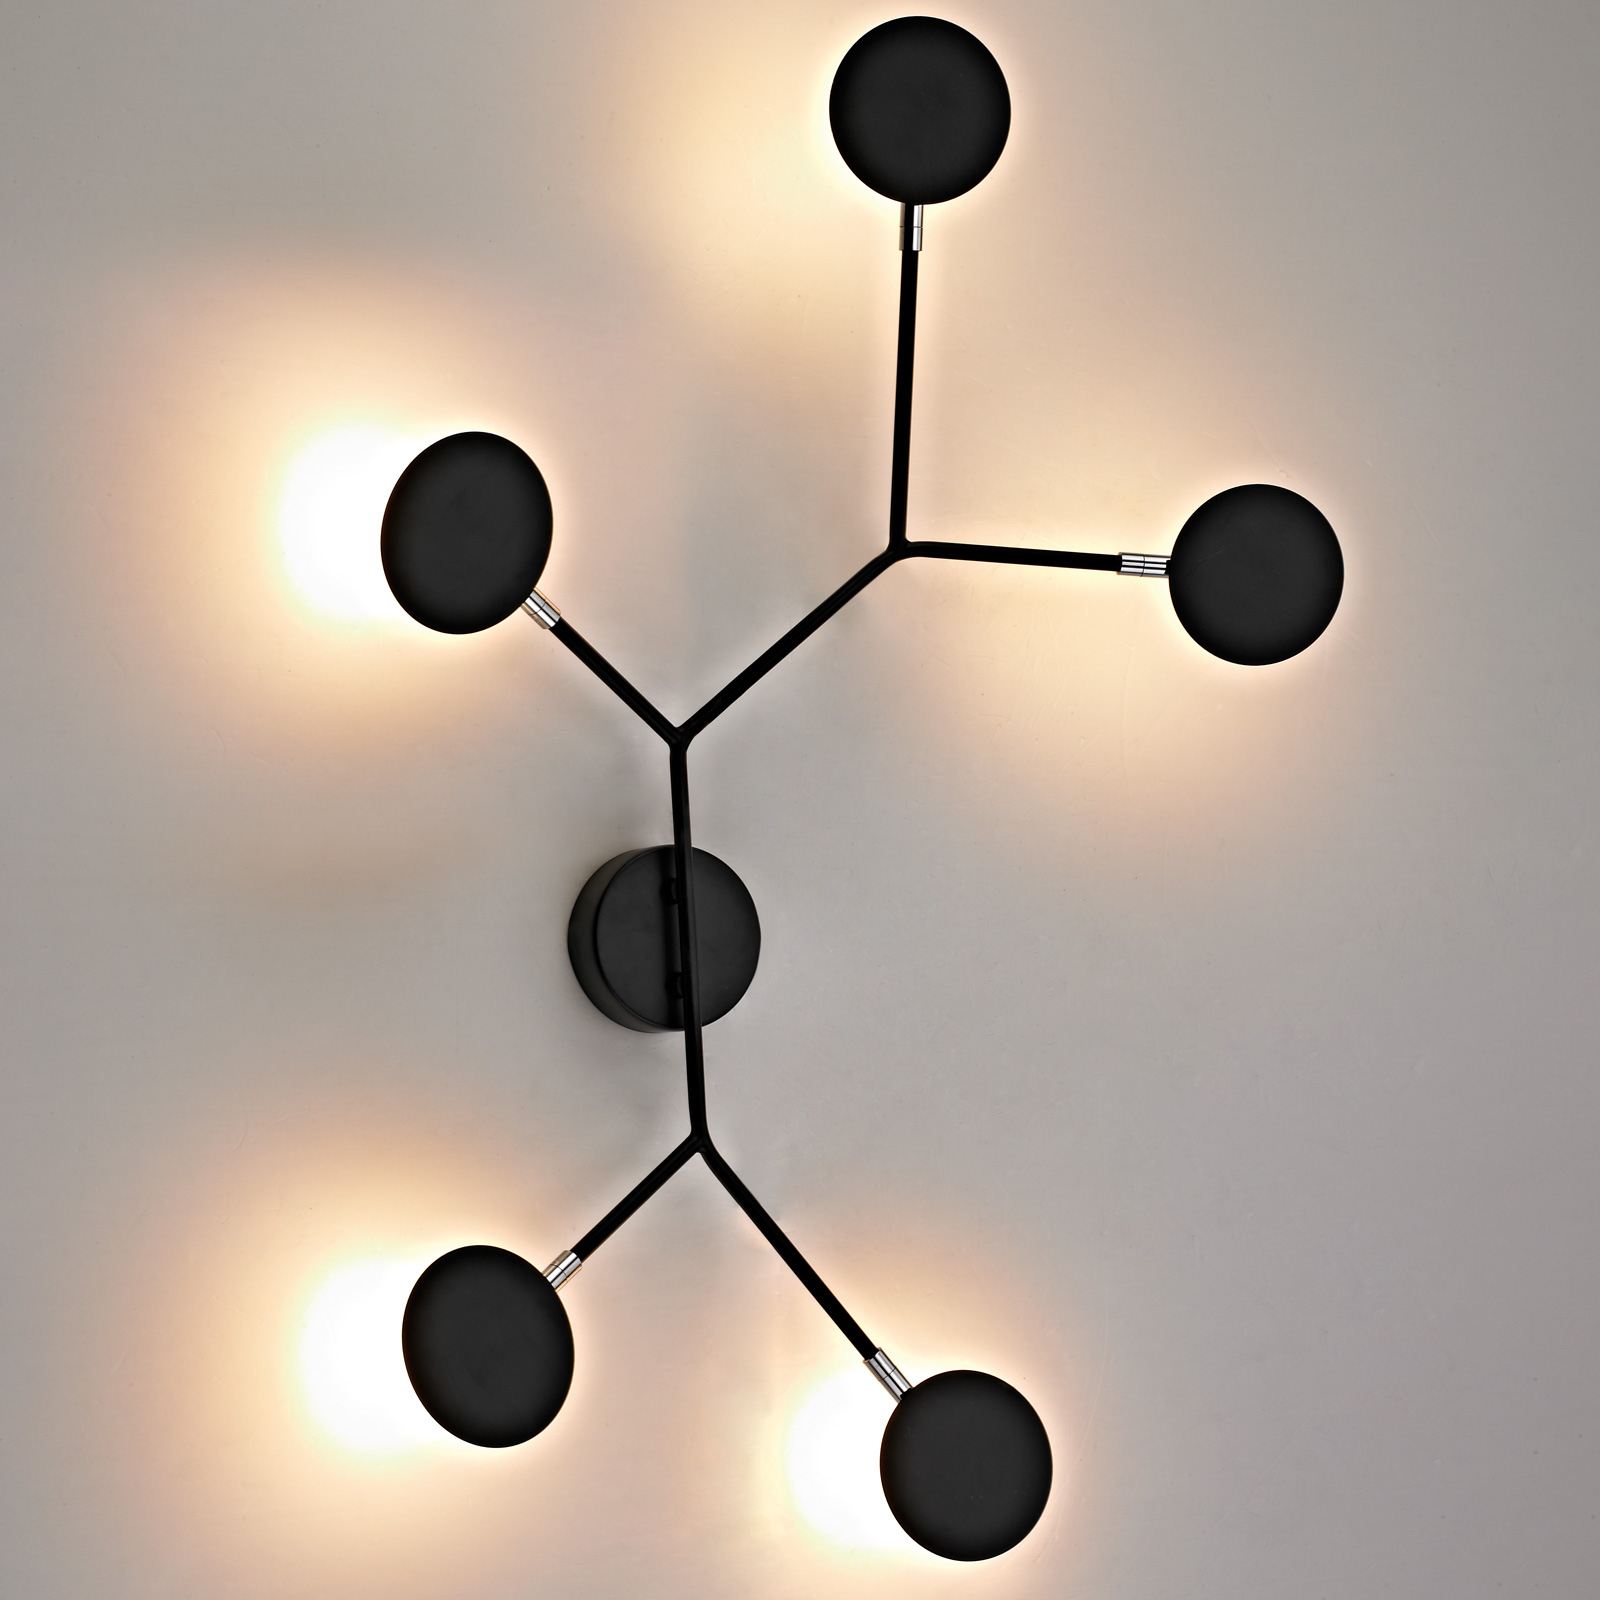 Applique LED Belize, à 5 lampes, noire